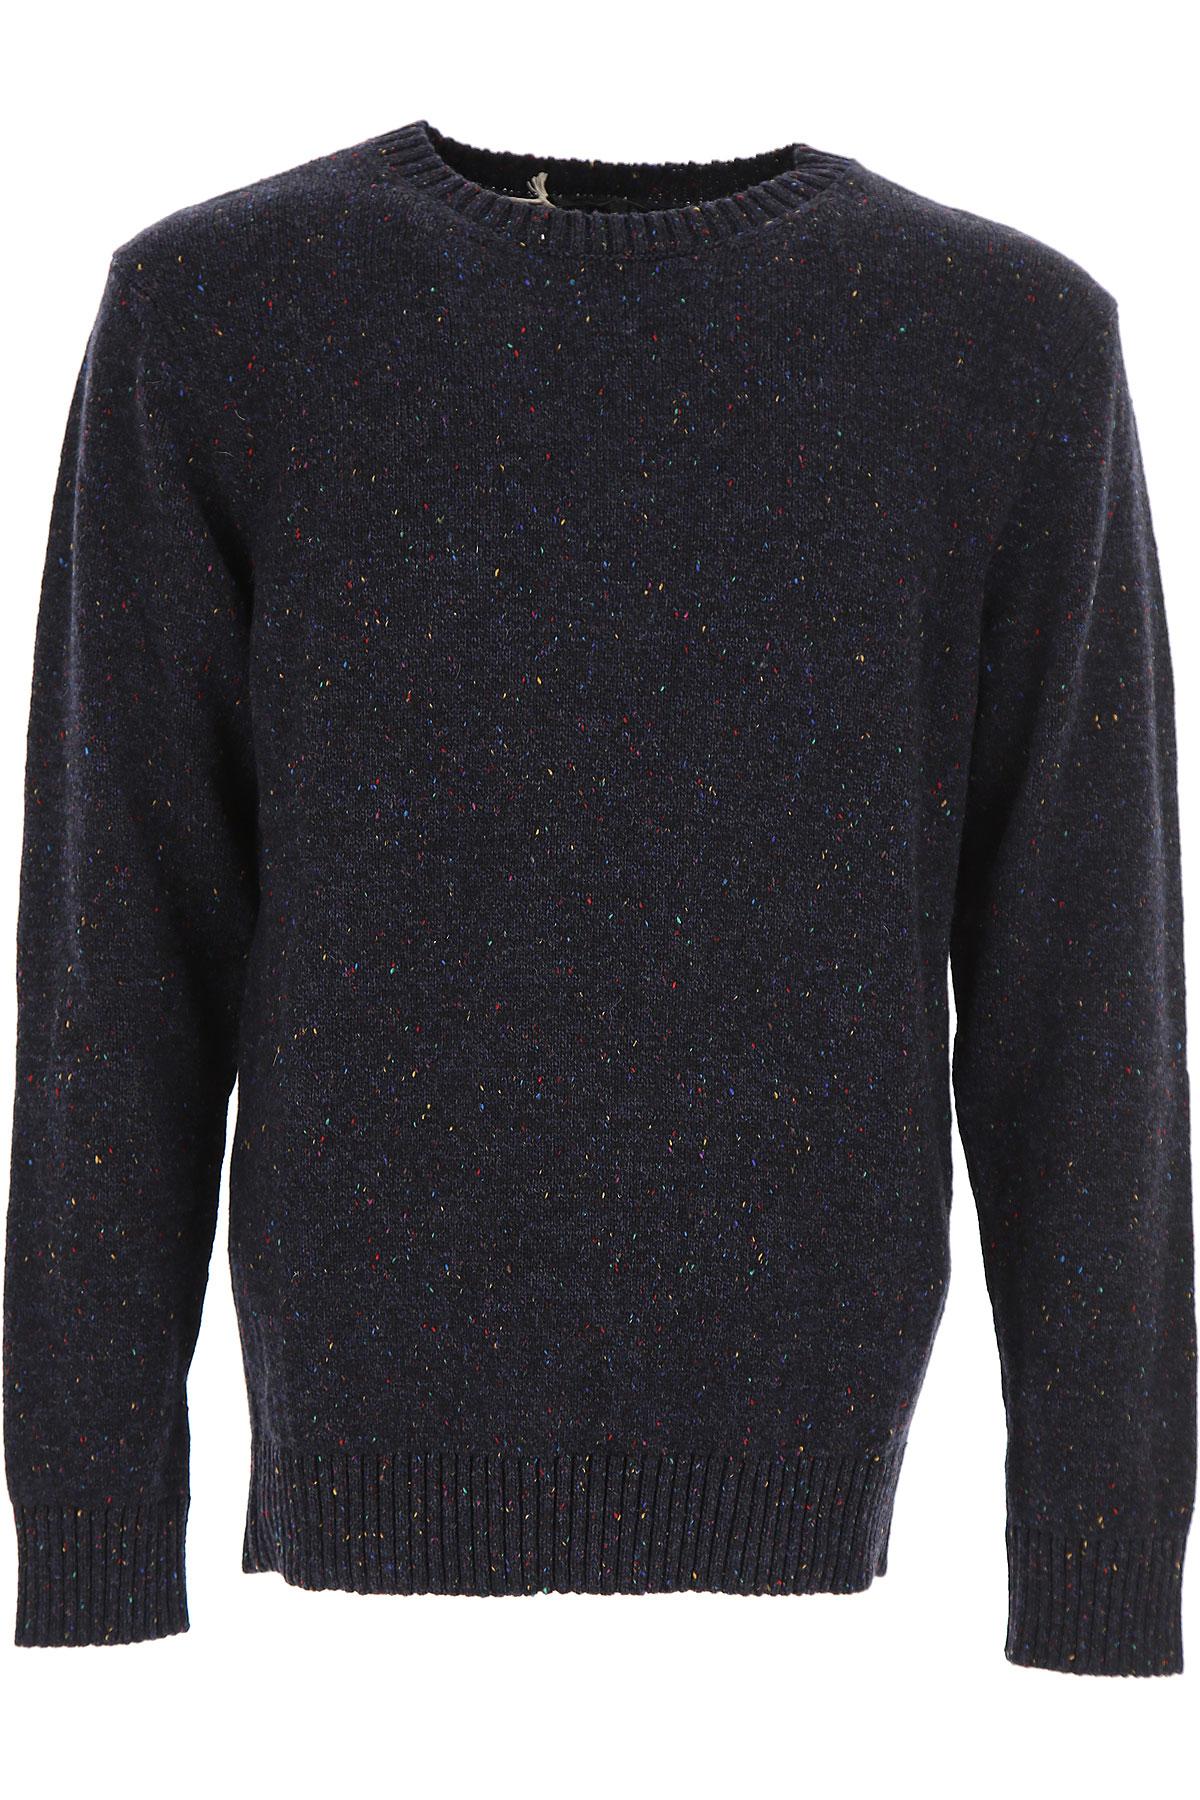 Image of A.P.C Sweater for Men Jumper, Melange Blue, Wool, 2017, L M S XL